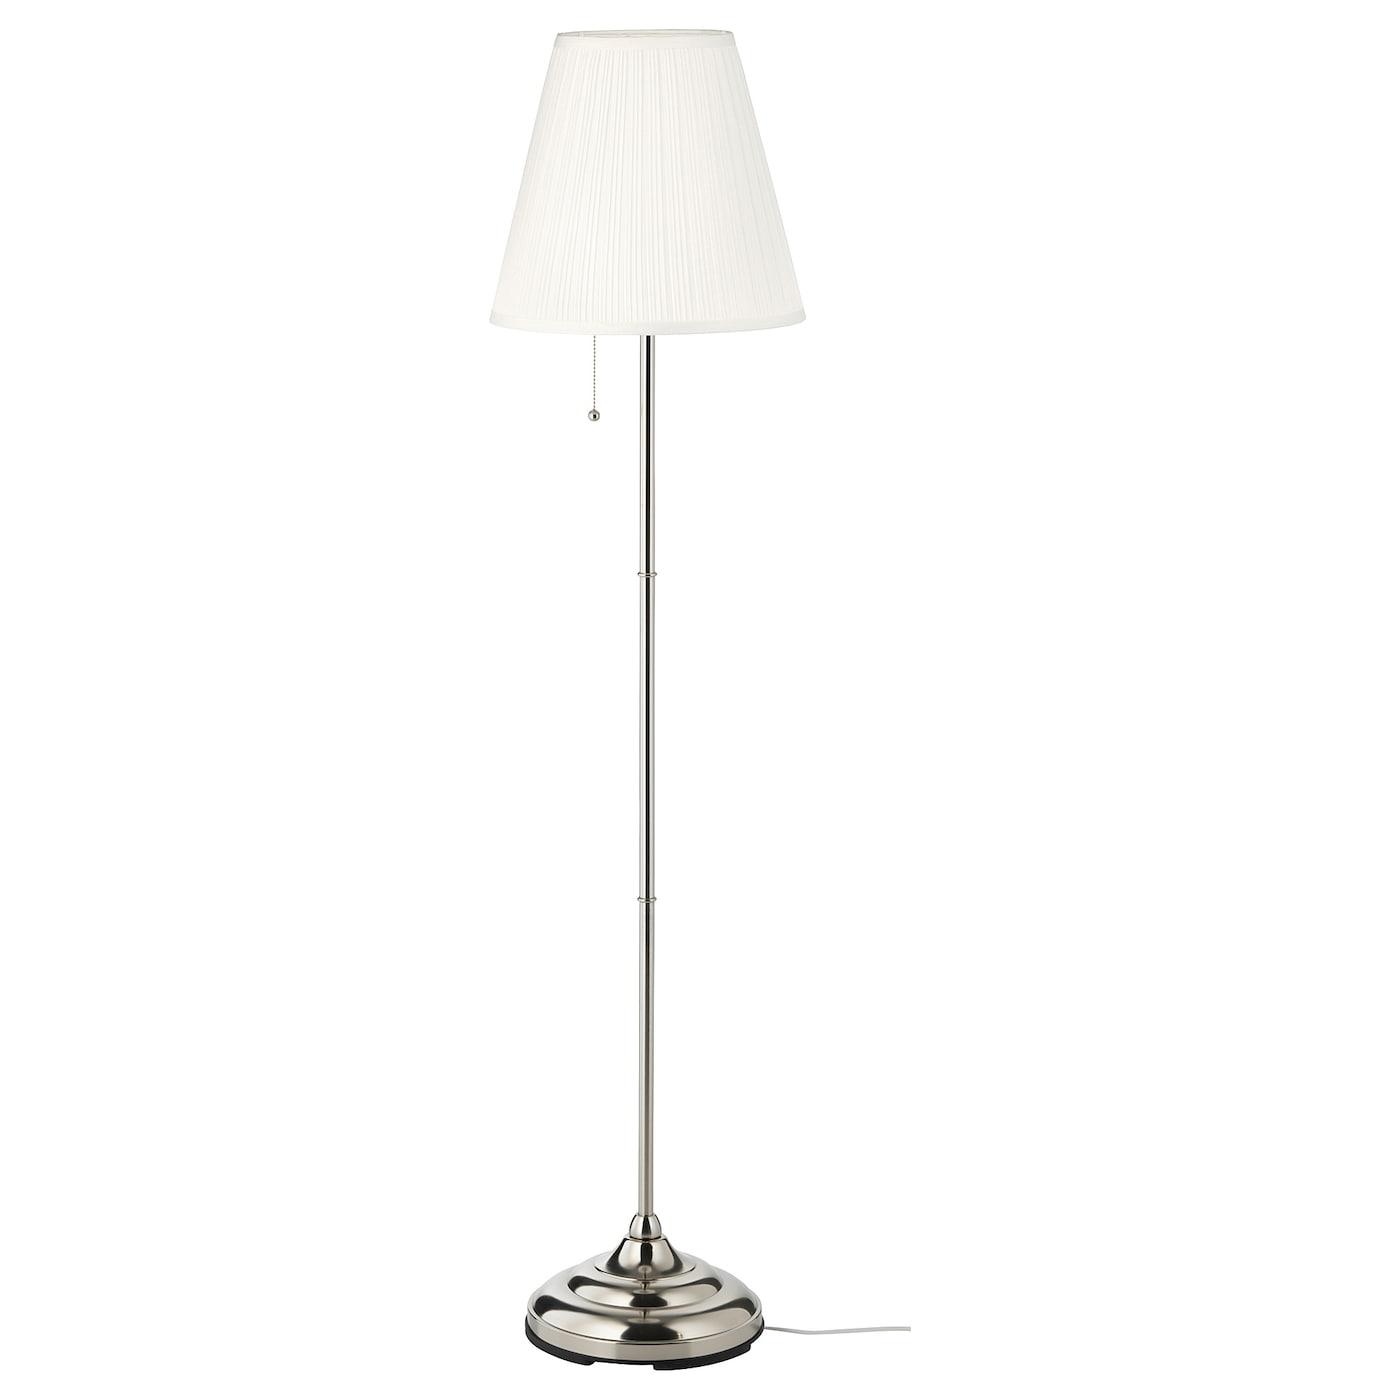 197 Rstid Gulvlampe Forniklet Hvit Ikea